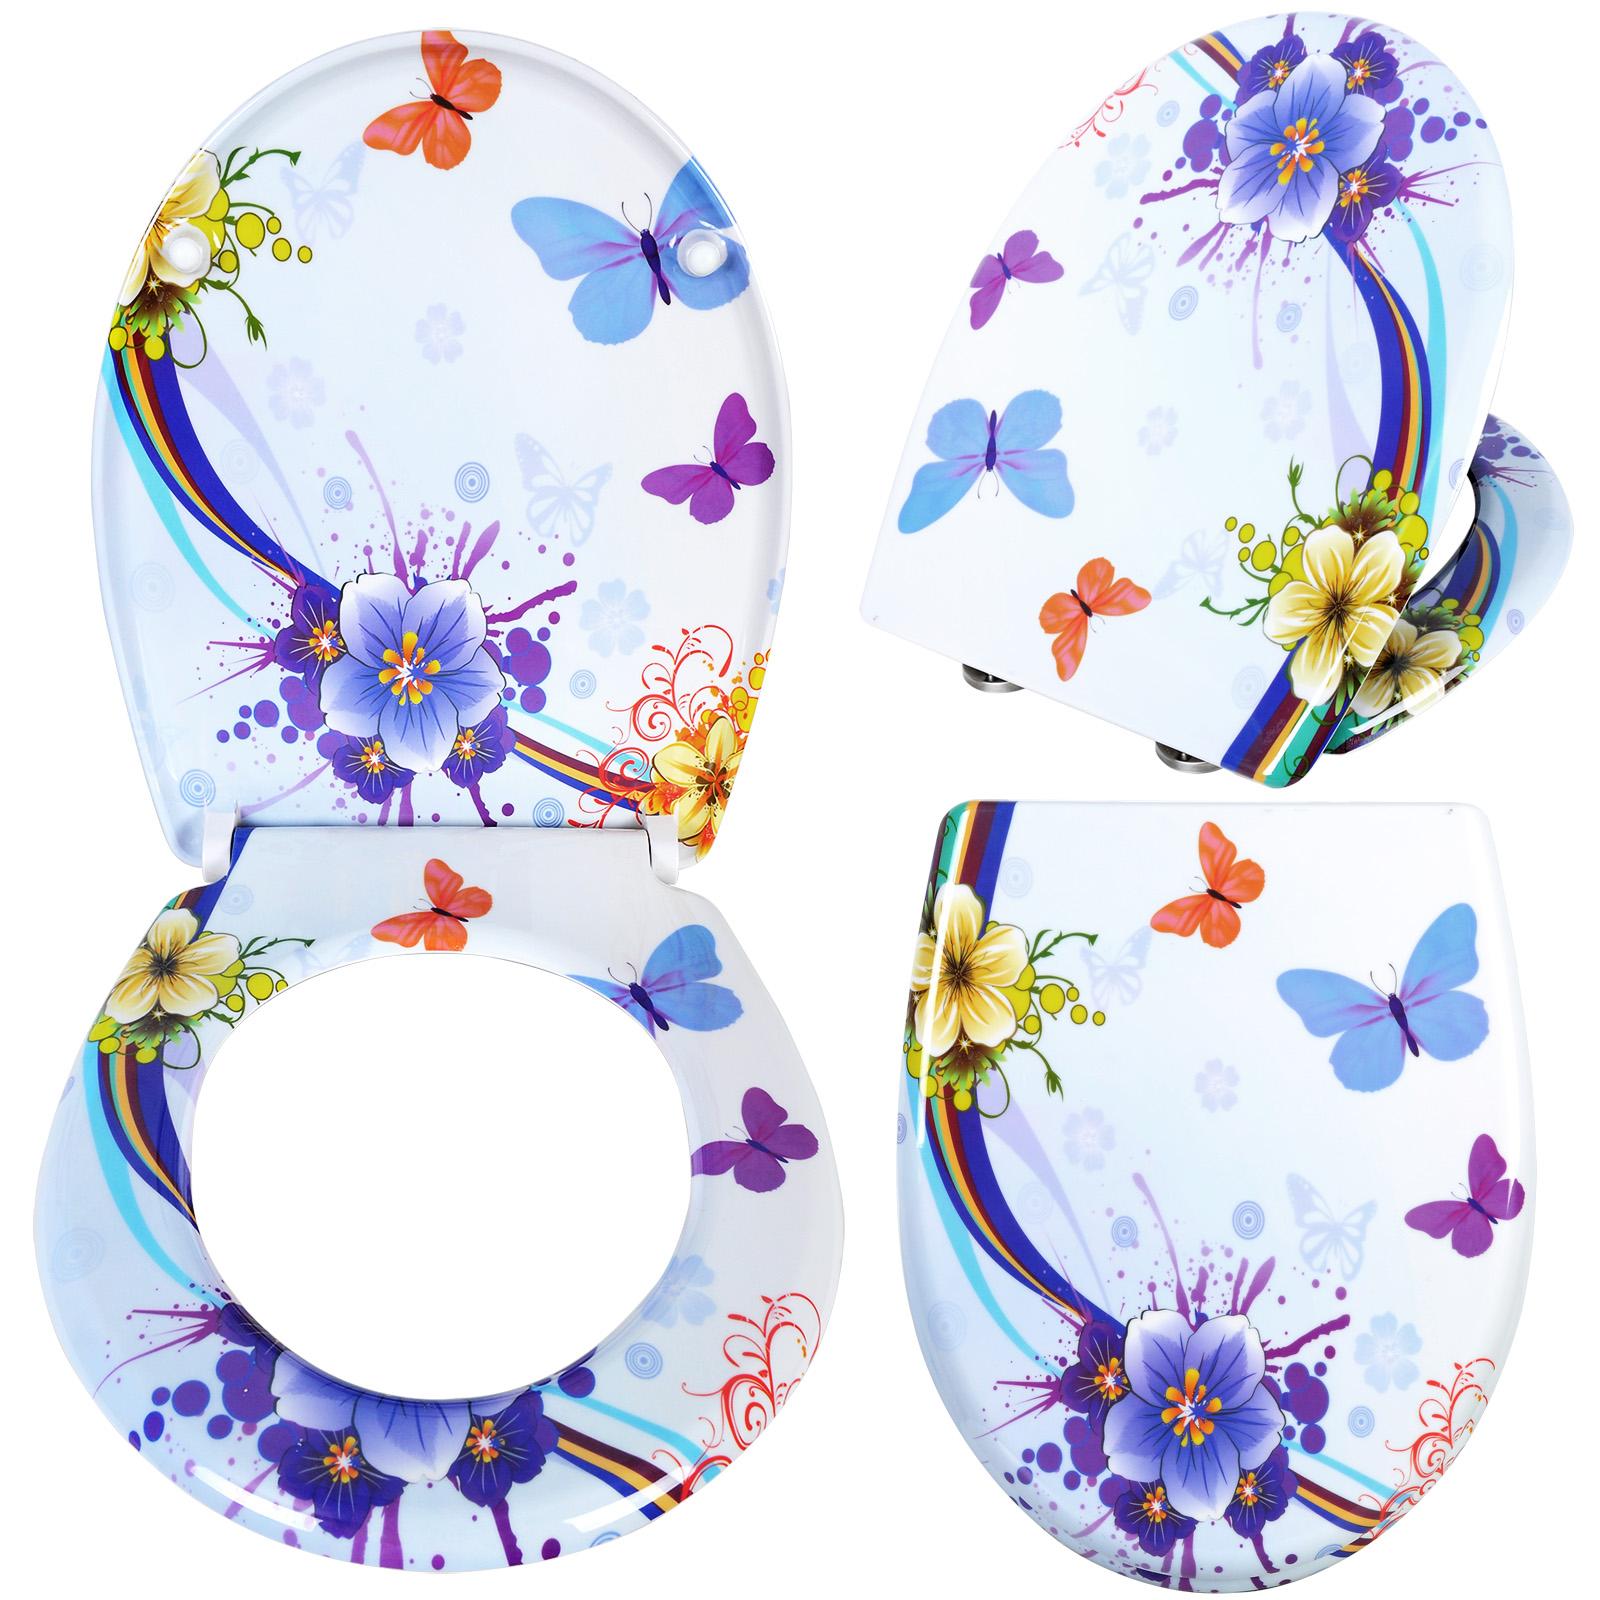 Couvercle de toilette lunette wc duroplast avec douce multicolore 99 - Couvercle de toilette ...